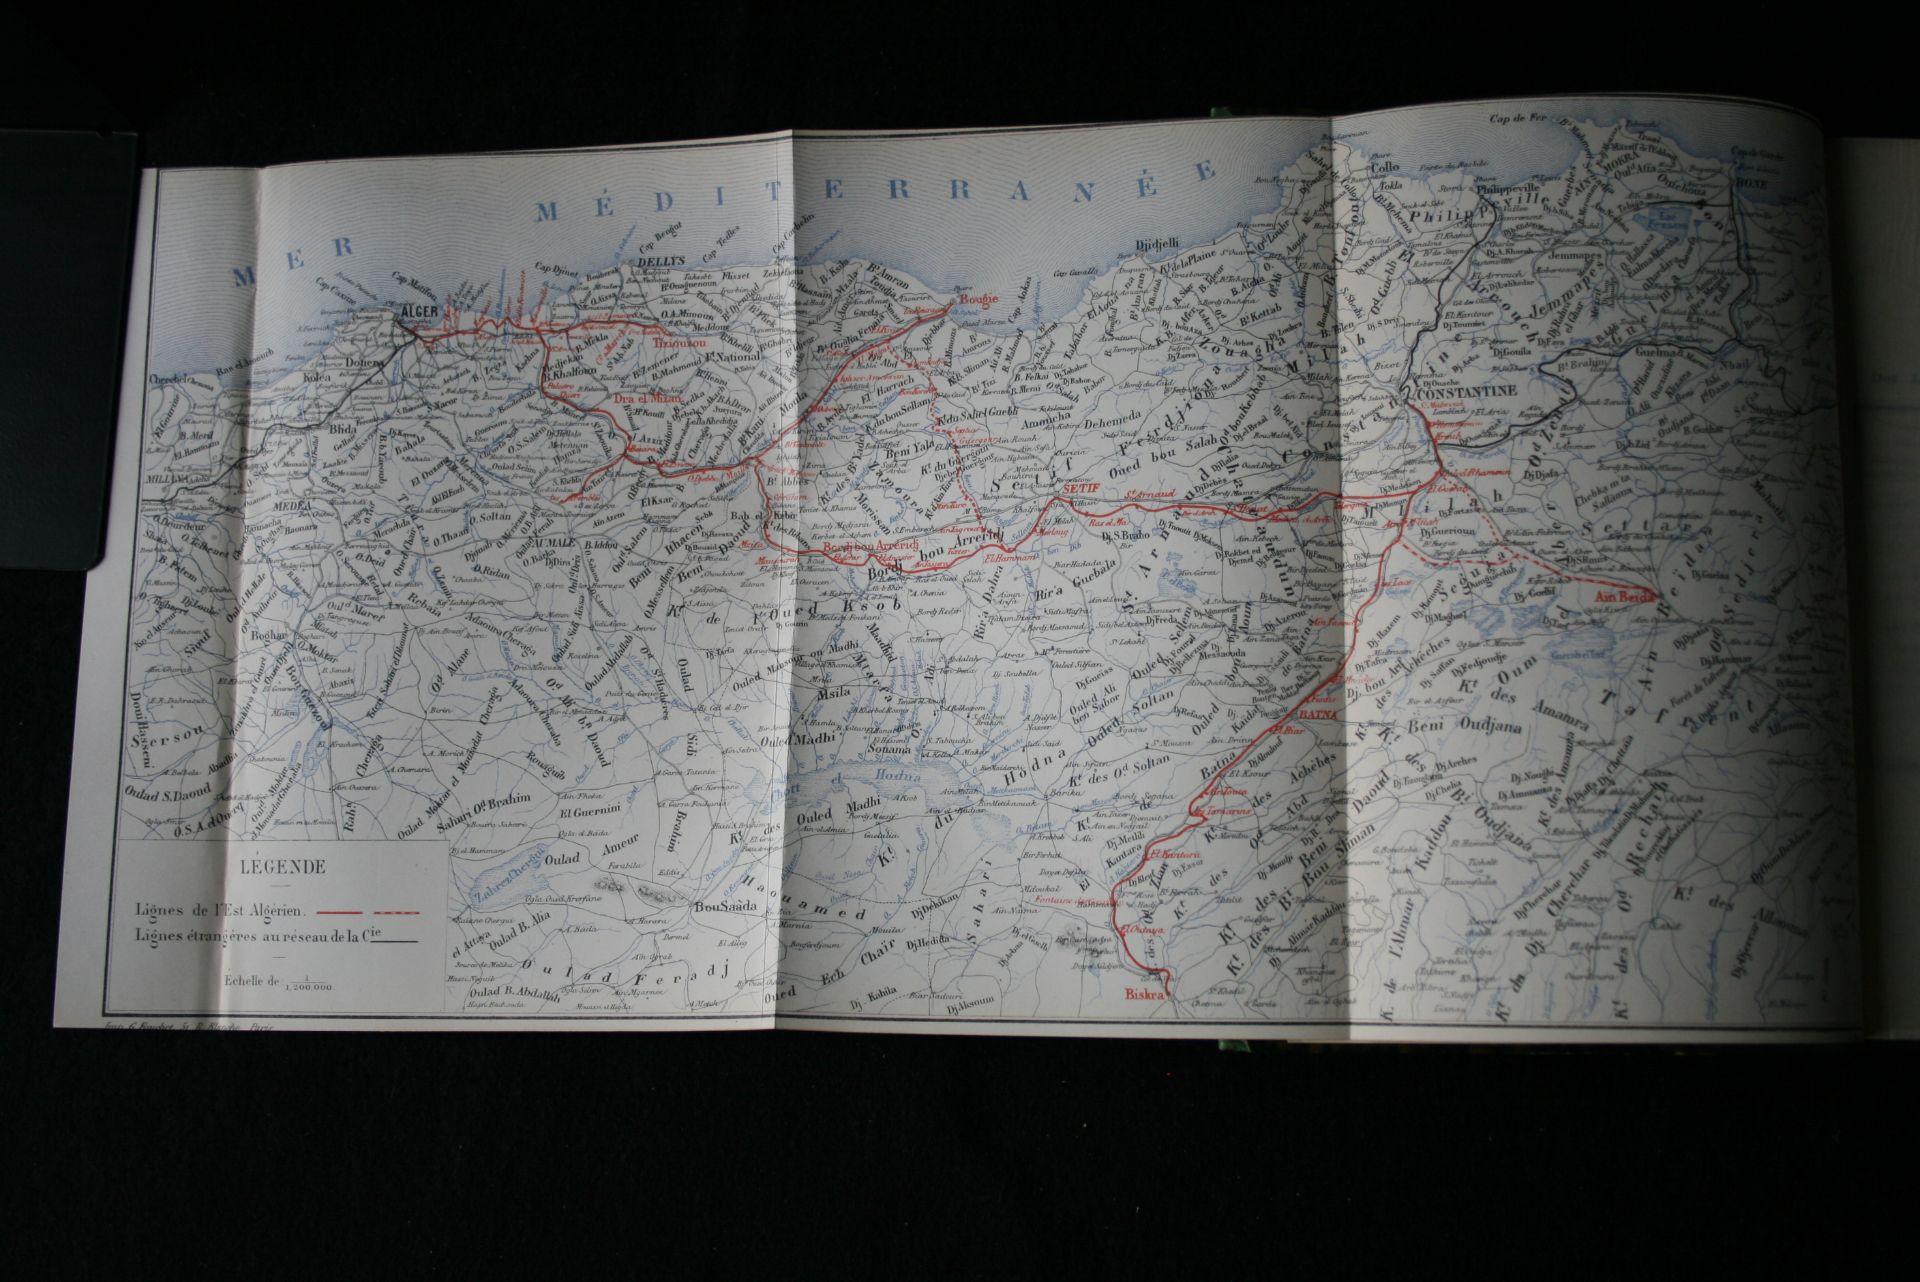 Compagnie des Chemins de fer de l'Est Algérien, Recueil de documents : 1875-1884 [...] - Bild 2 aus 3